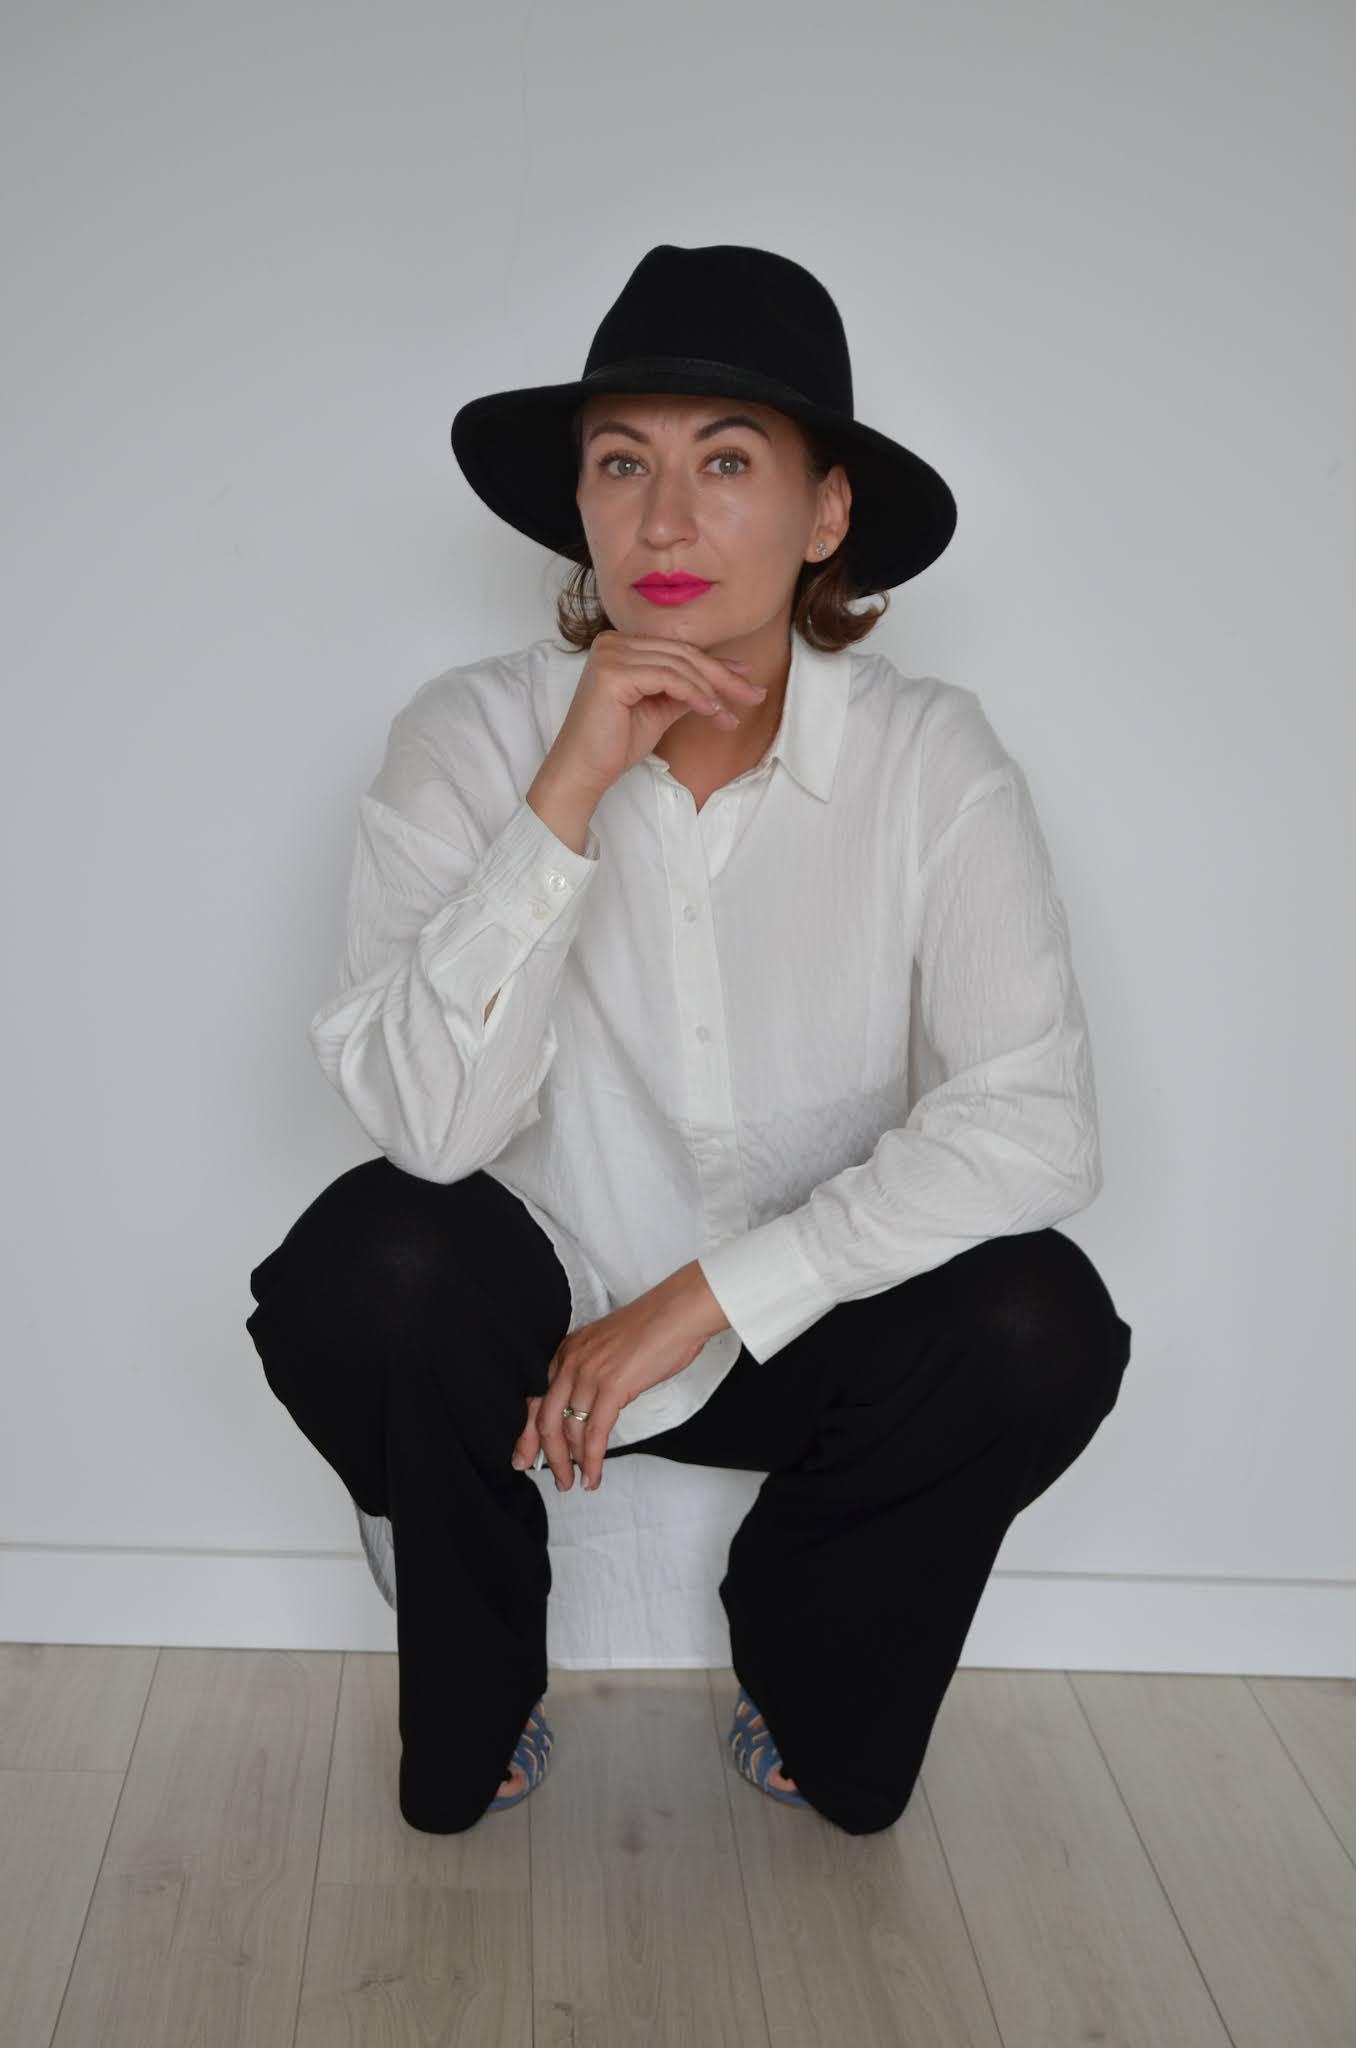 moda 40+,Fashion,czarna dluga sukienka,czarna sukienka maxi,czarny kapelusz,kobieta po czterdziestce,moda,kobieta 40+,niebieskie sandalki na szpilce,sukienka maxi Zara,